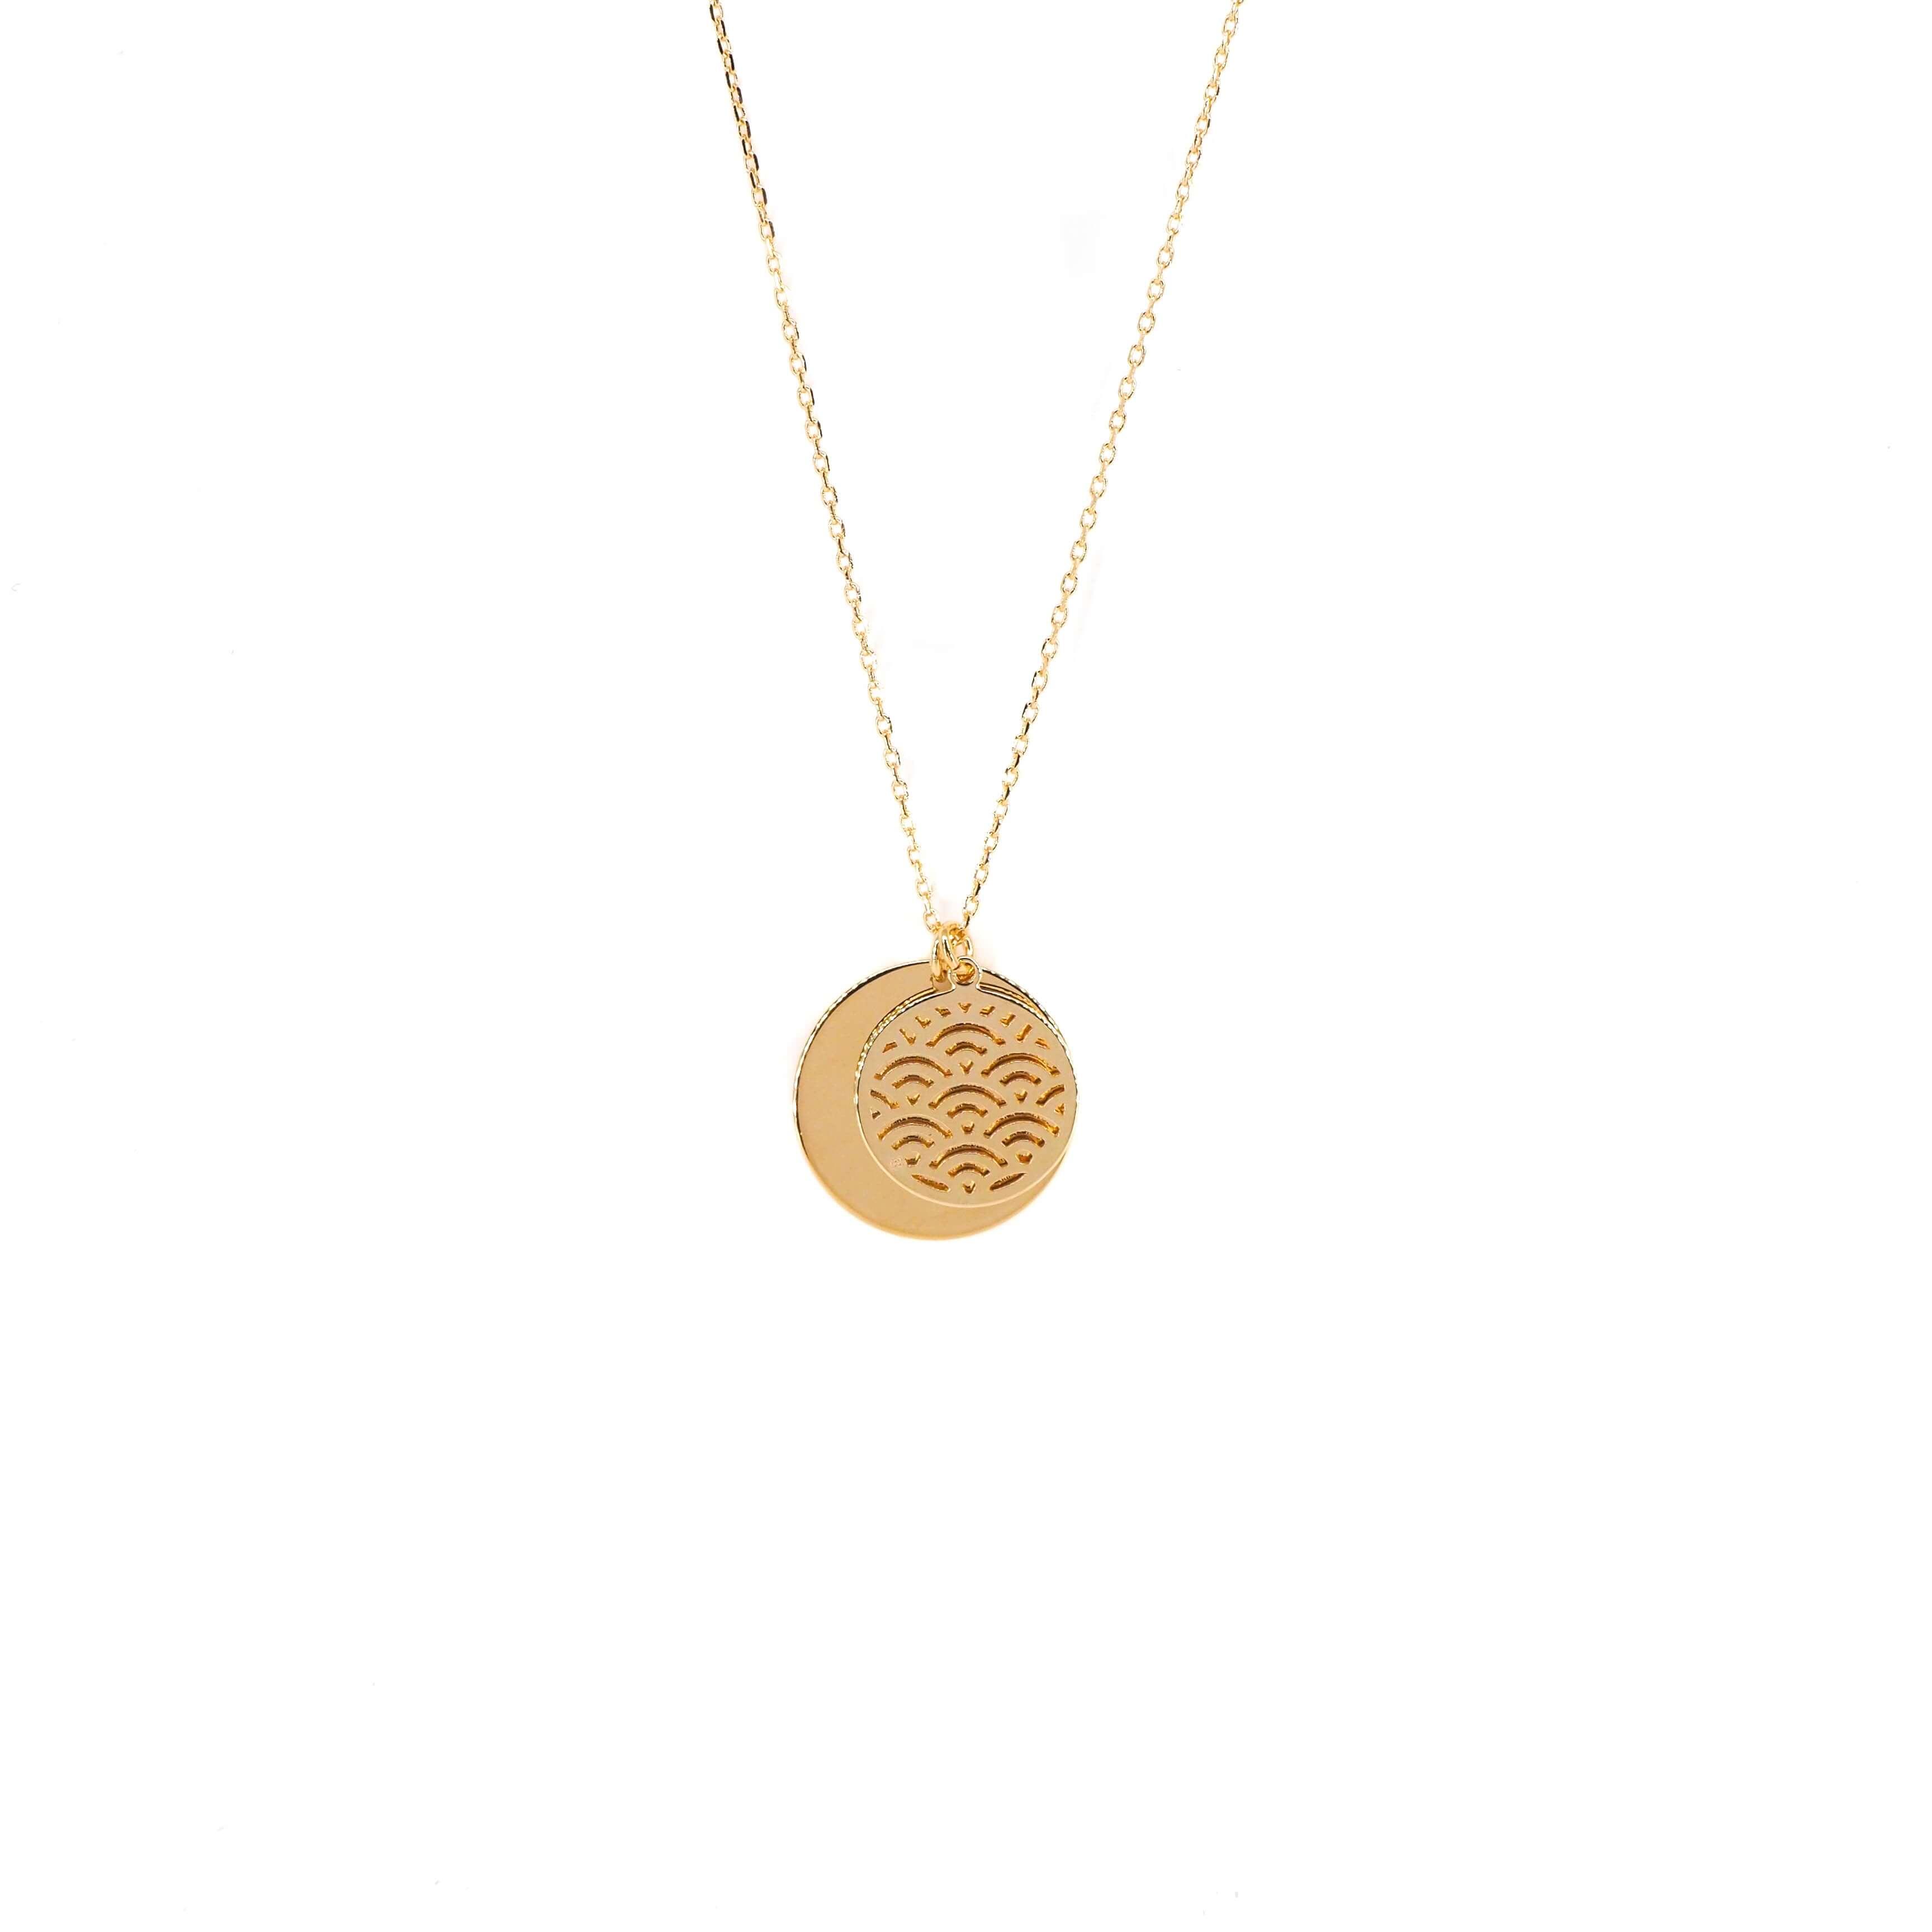 Collier double médailles en plaqué or - Les créations de Lili